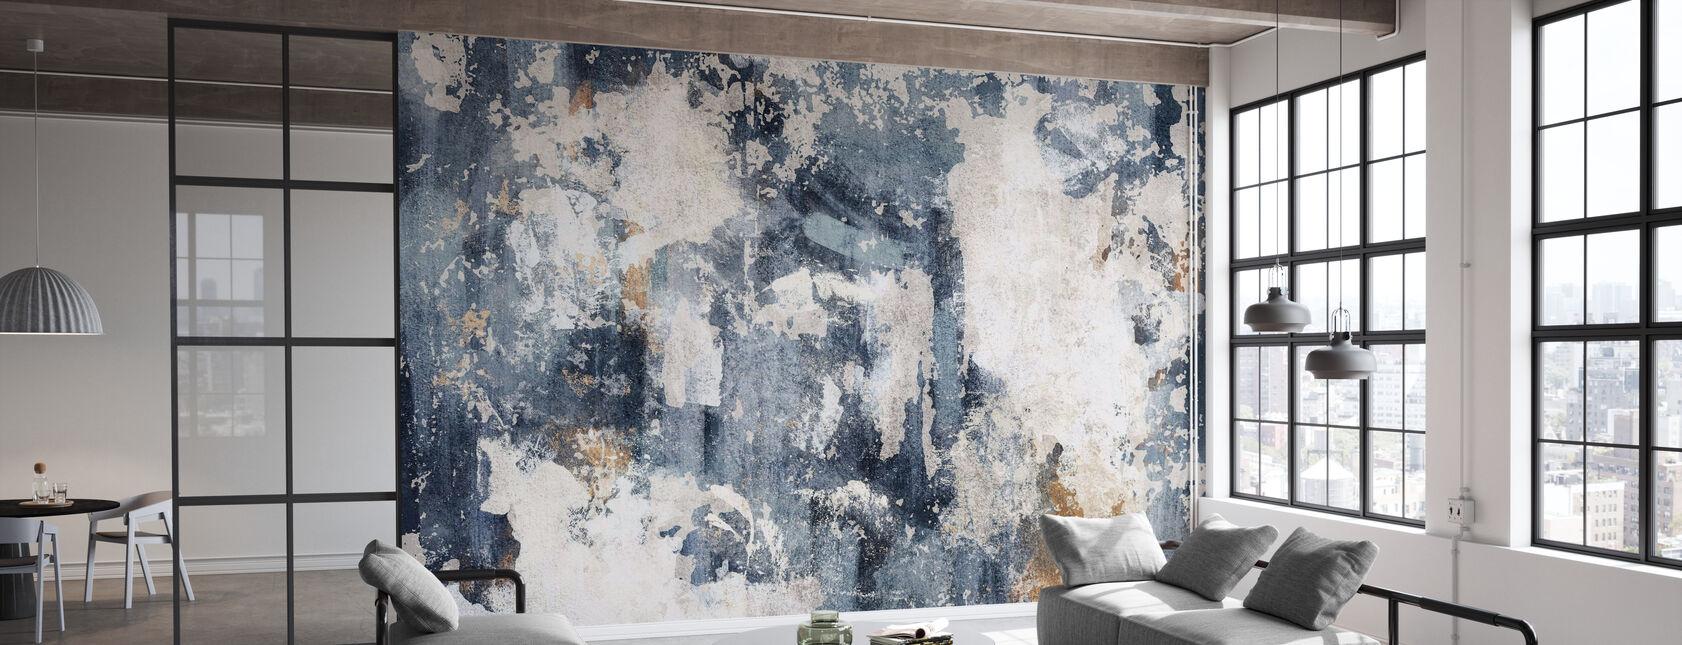 Grunge Mur - Bleuâtre - Papier peint - Bureau